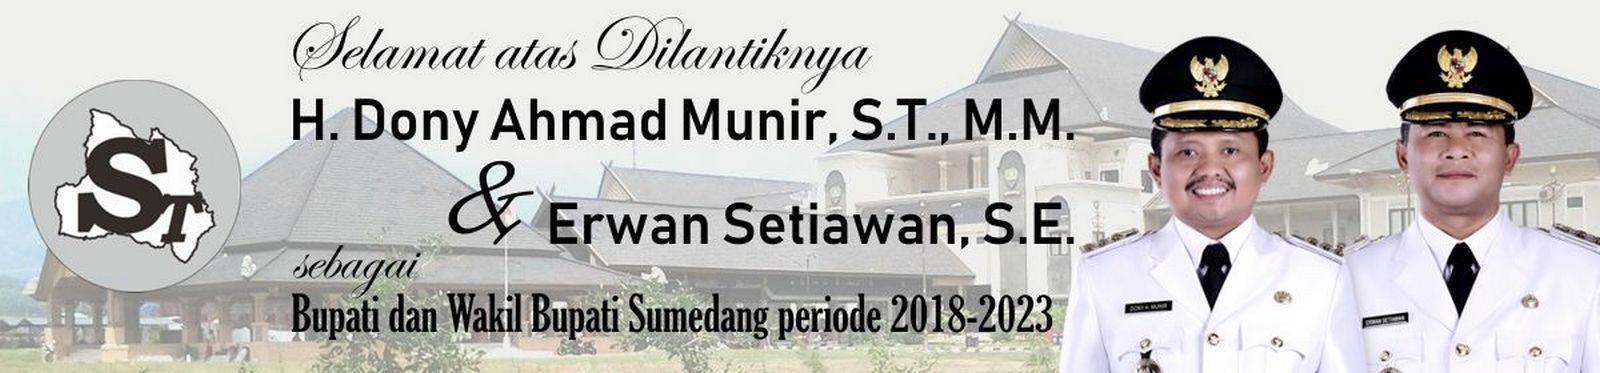 Pemilukada 2018